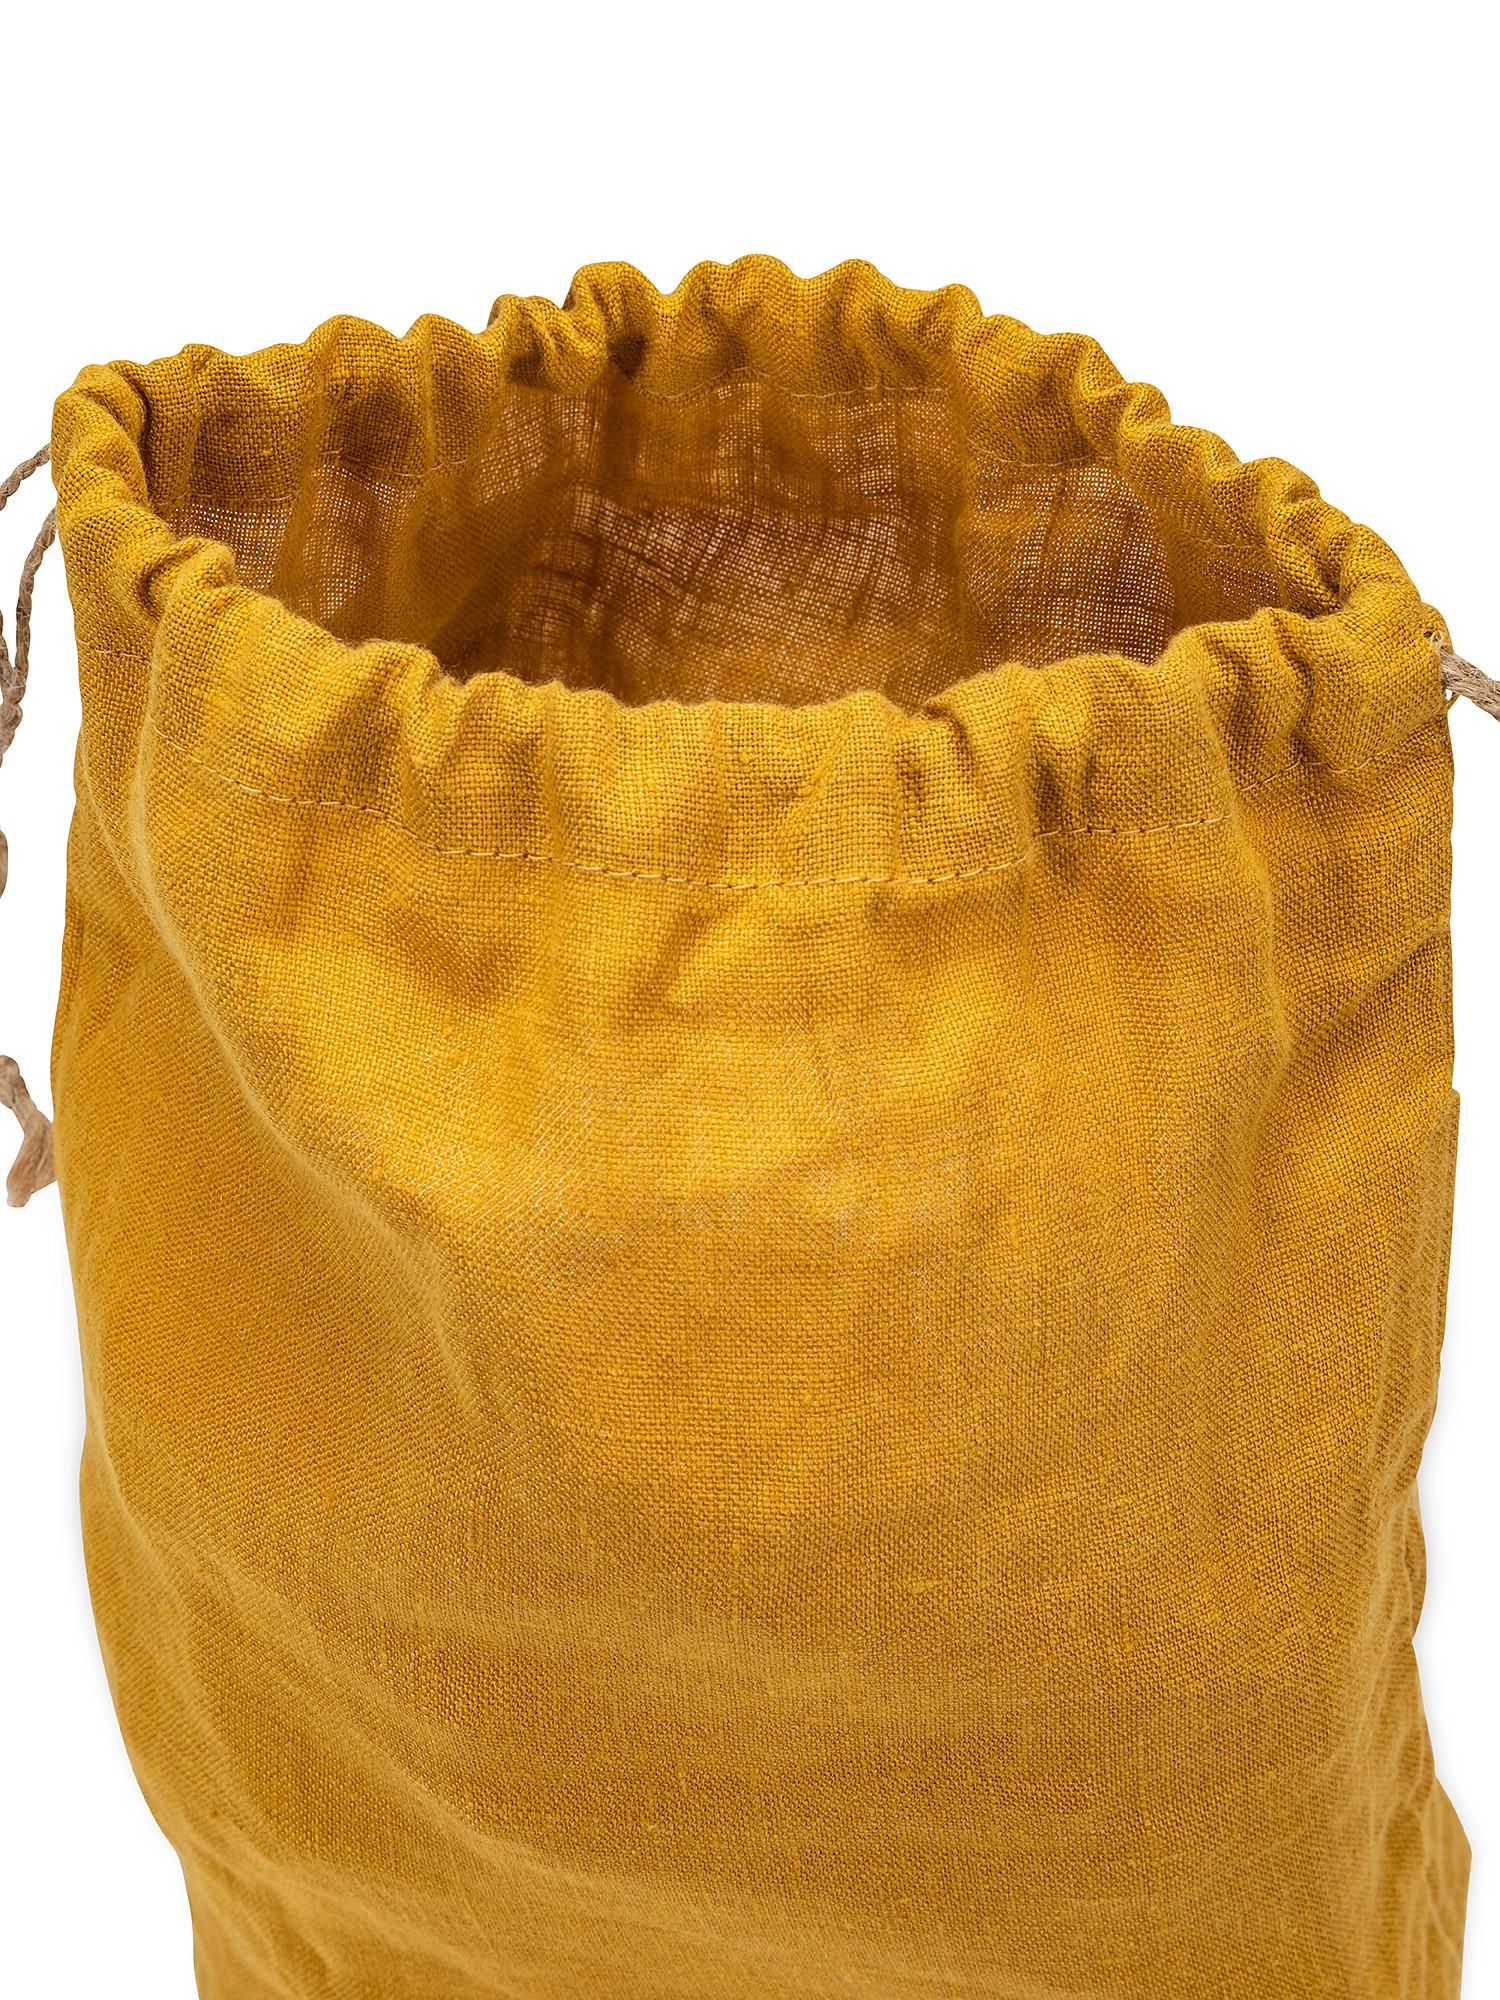 Sacchettino lino lavato tinta unita, Giallo ocra, large image number 1